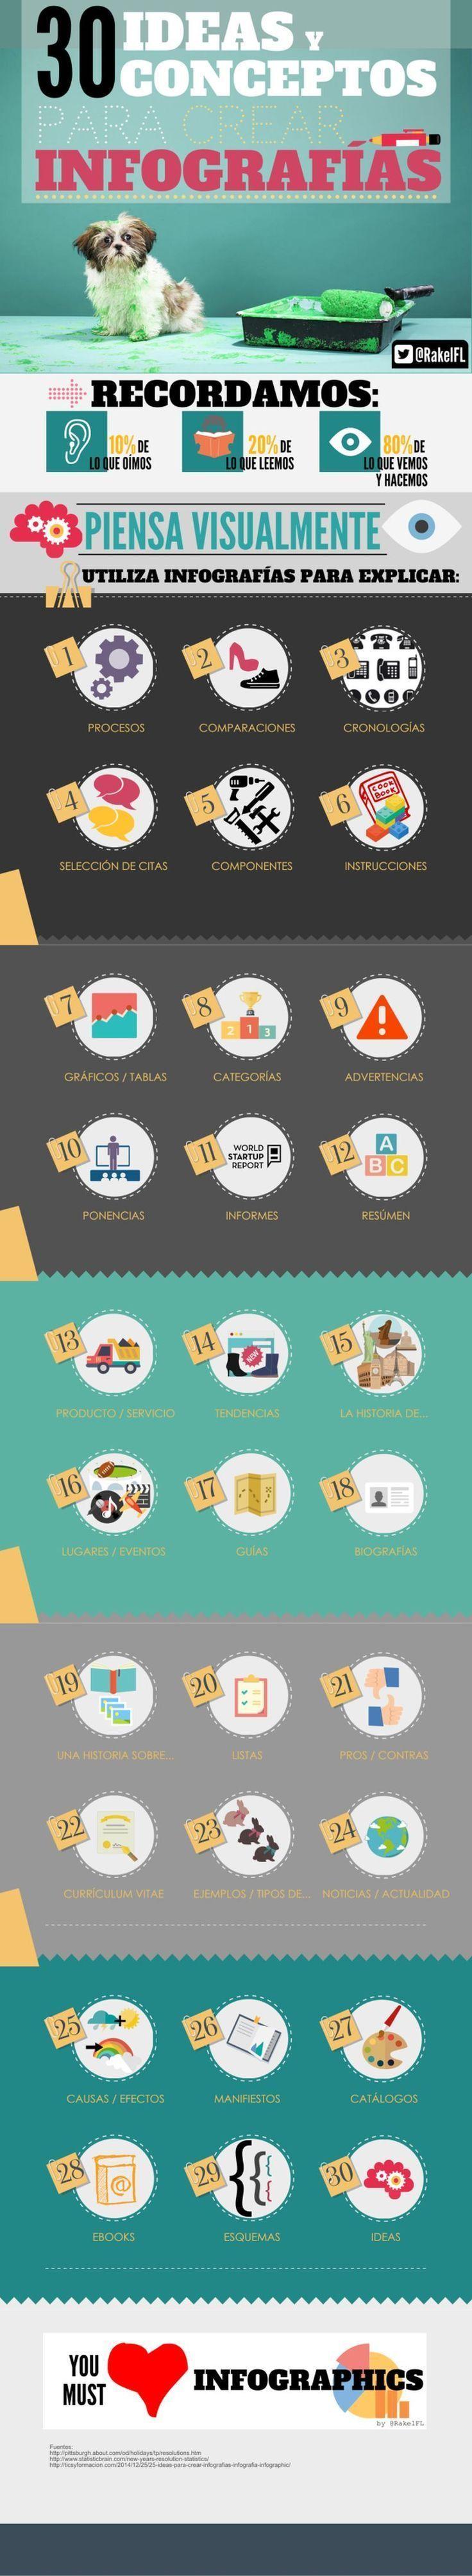 30 ideas para crear infografias